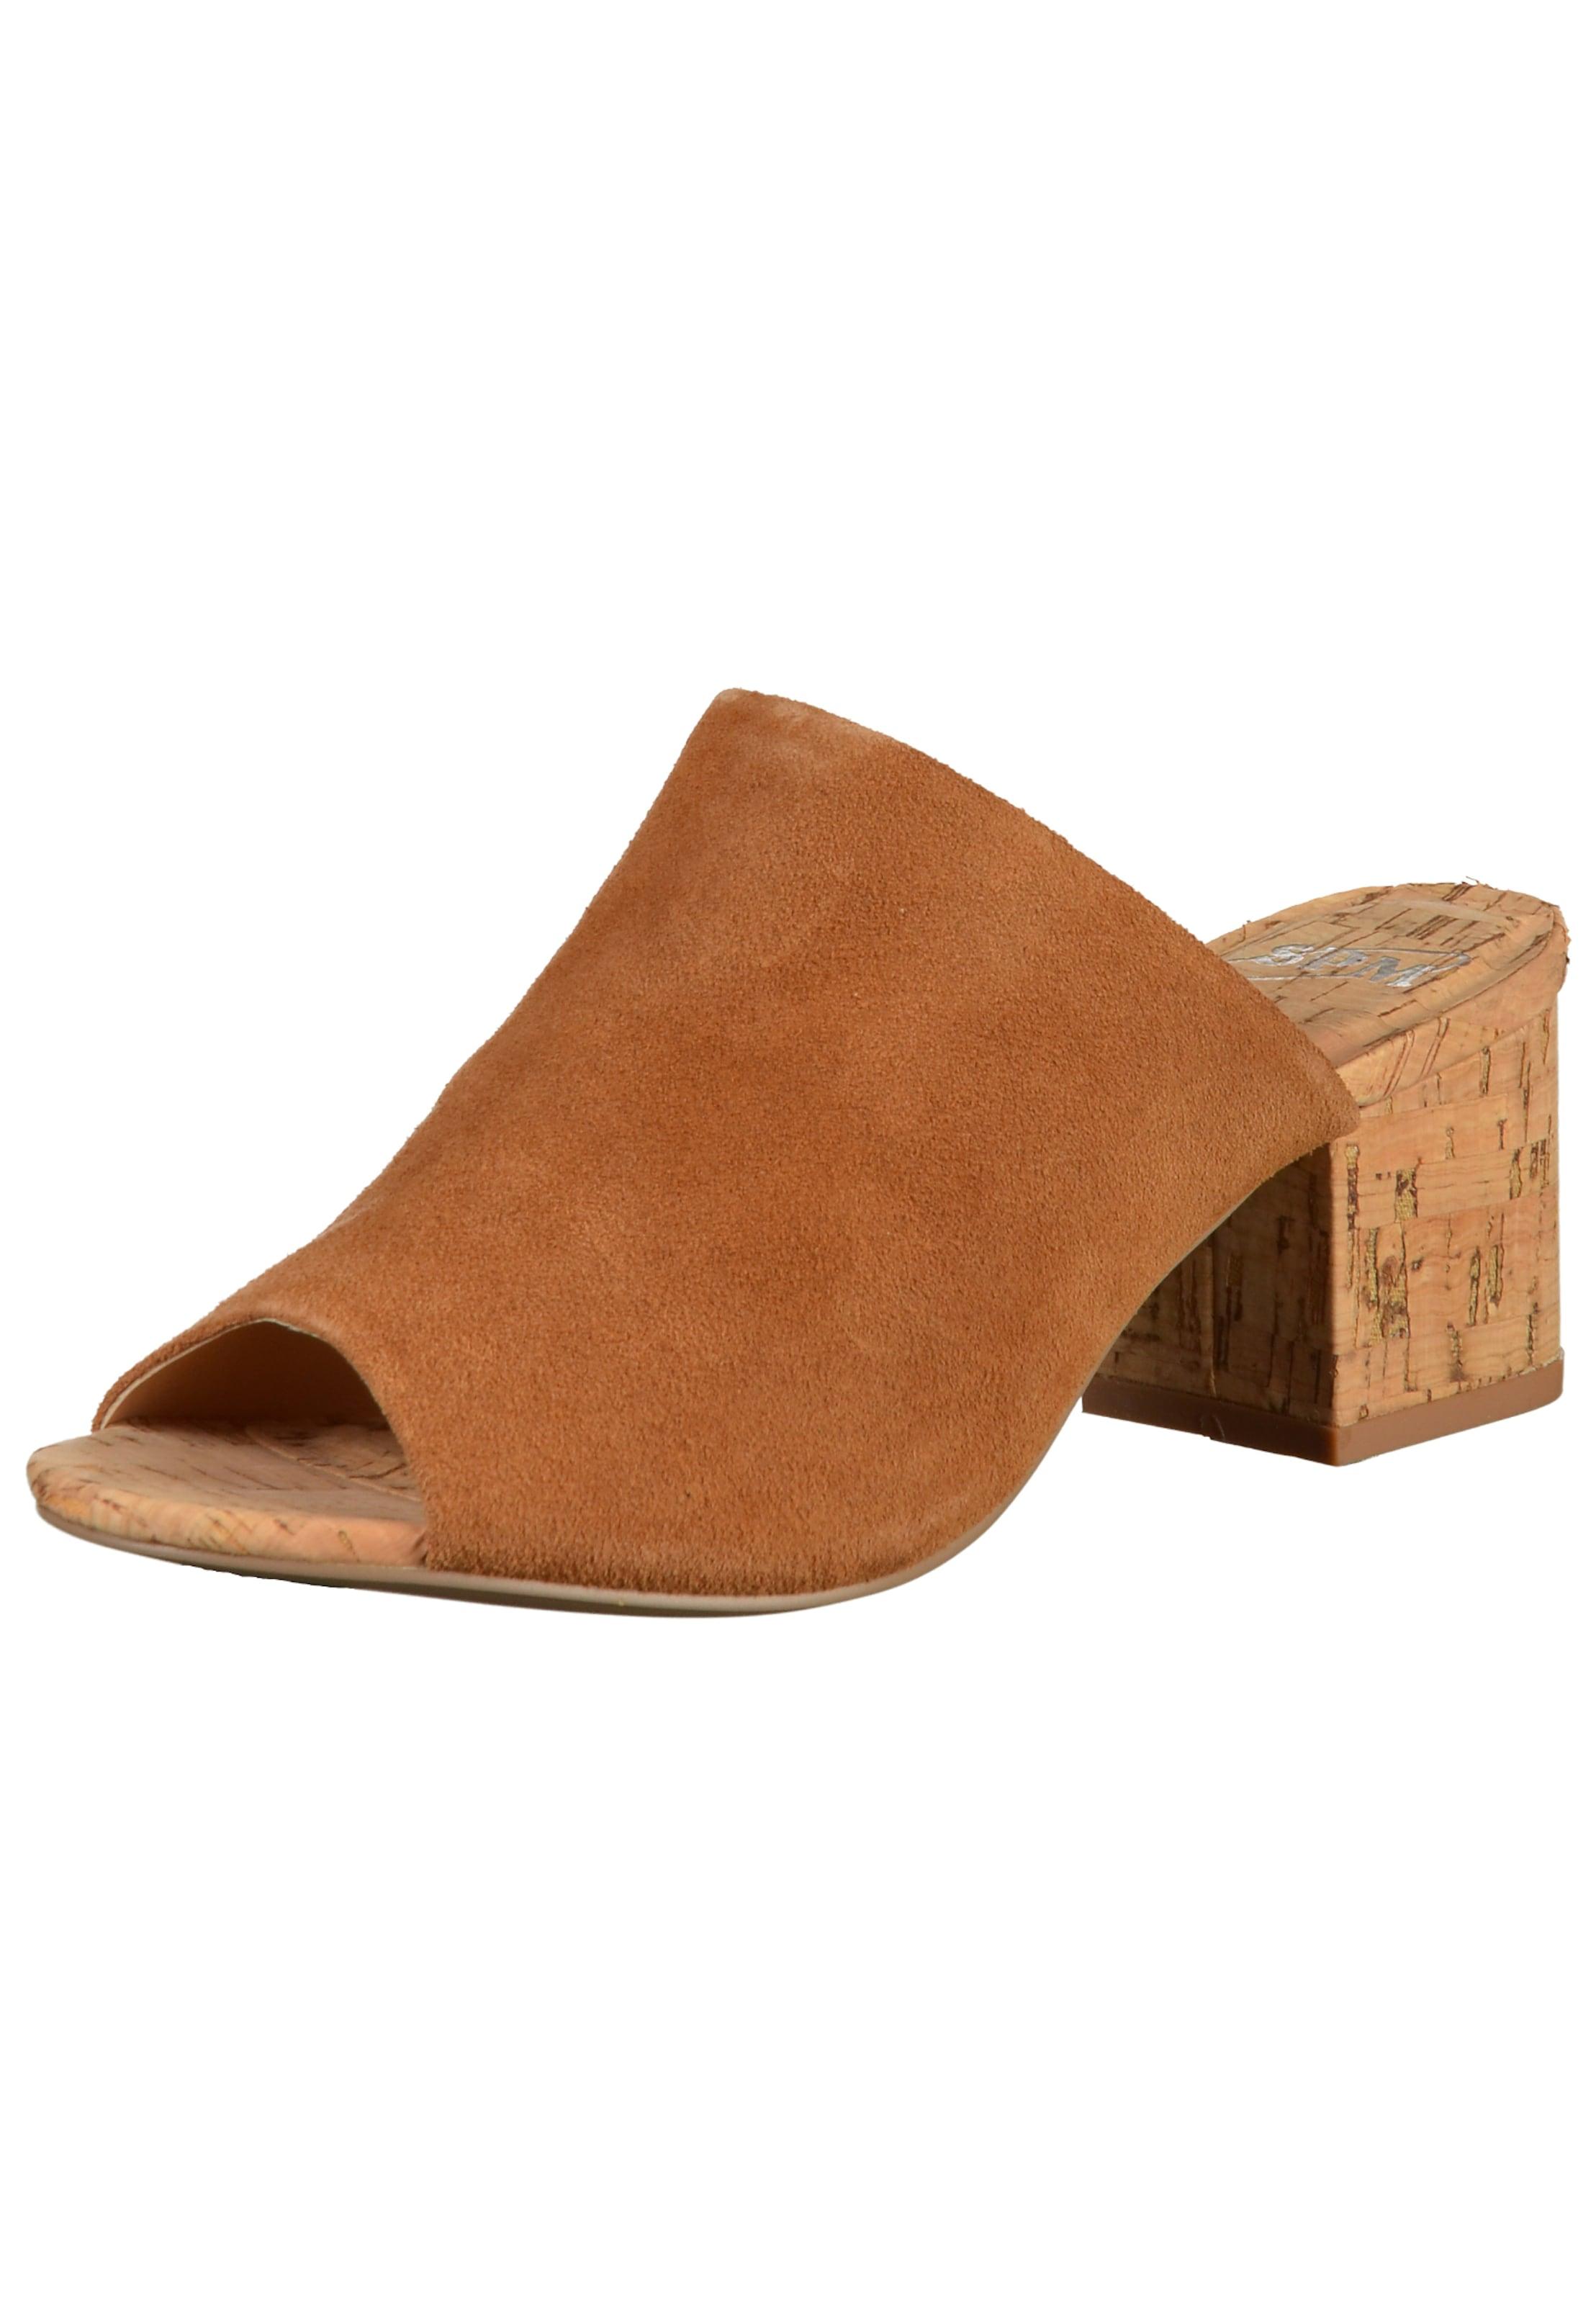 Haltbare Mode billige Schuhe SPM getragene | Pantoletten Schuhe Gut getragene SPM Schuhe f67d80